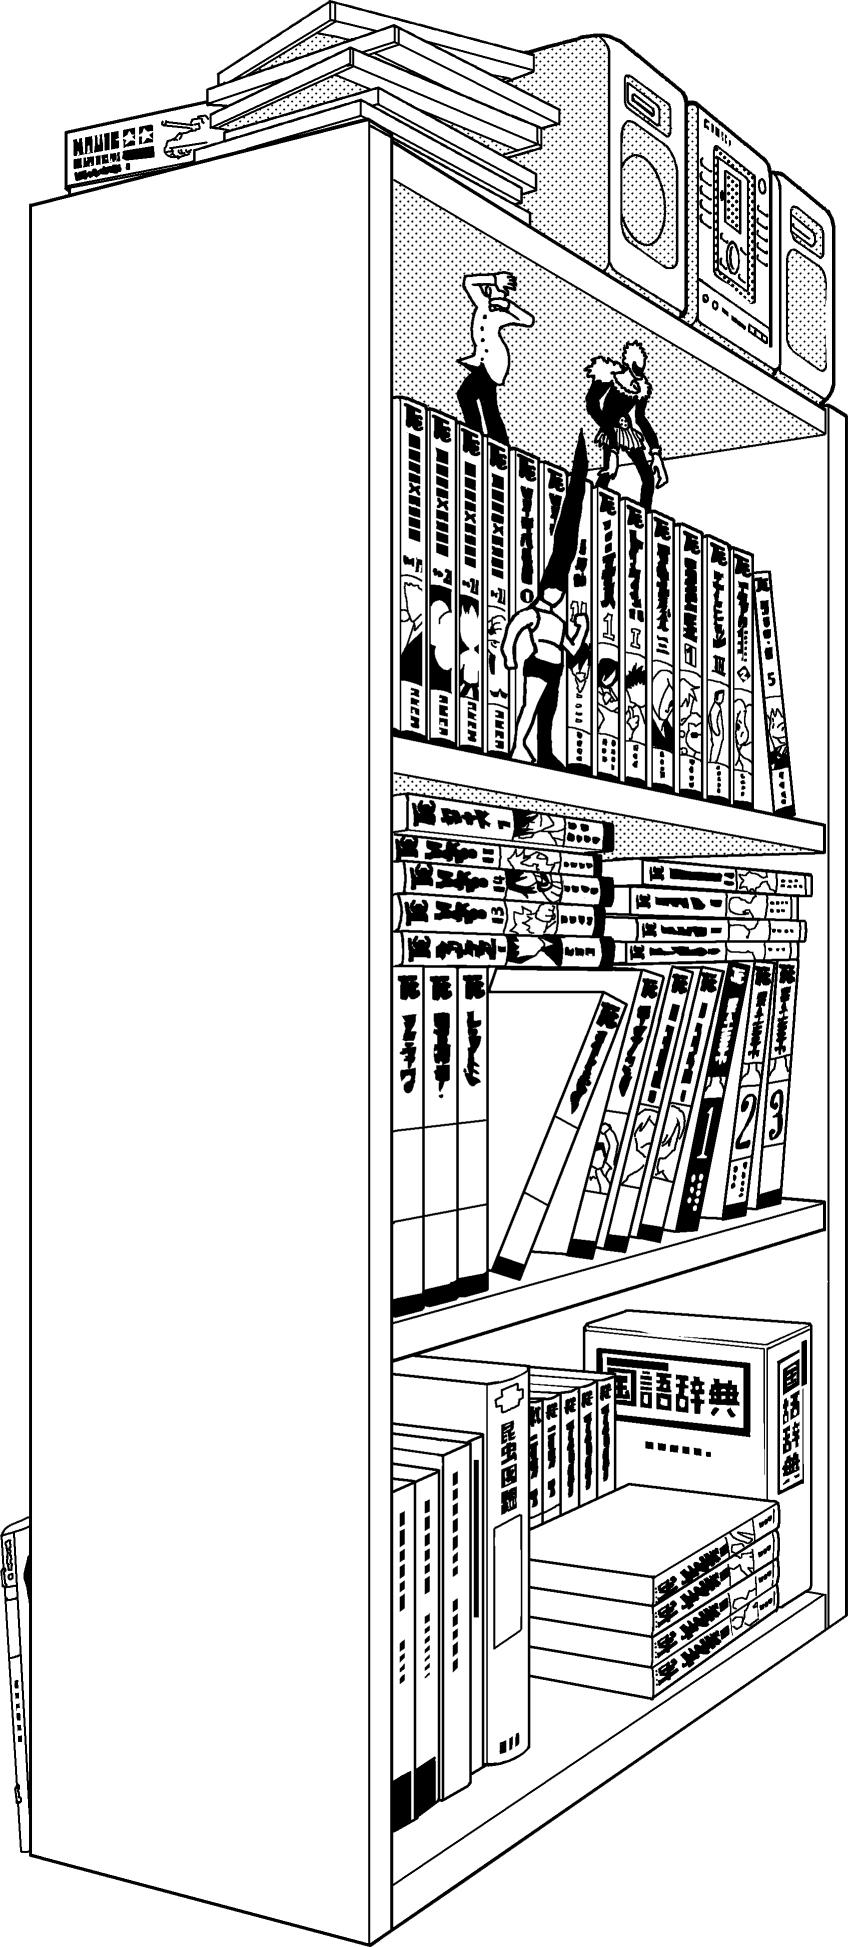 超級!!背景講座!!】maedaxの背景萌え!~本棚編~ | イラスト・マンガ描き